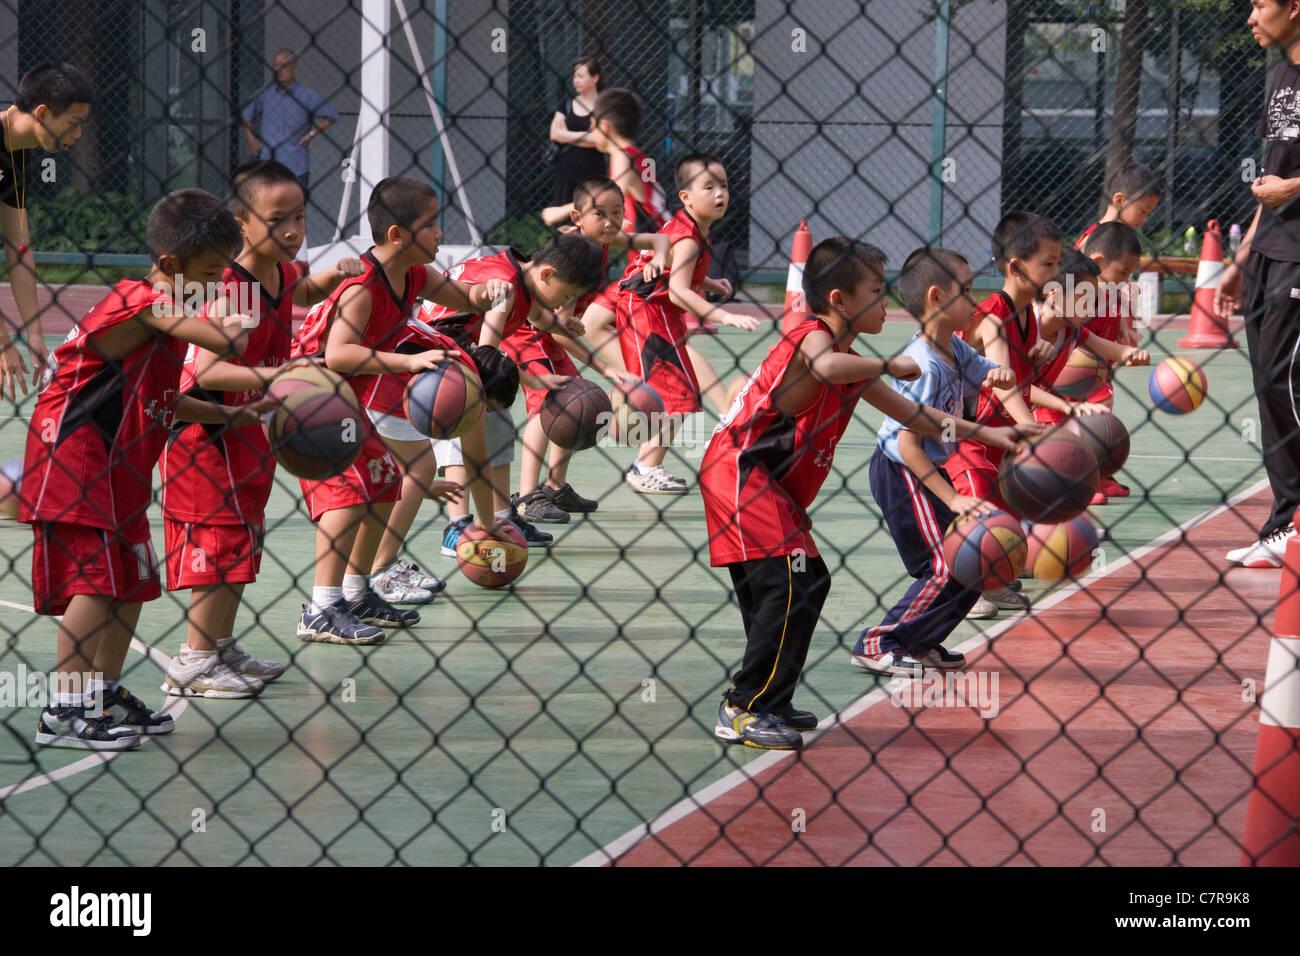 Los niños jugar al baloncesto en la escuela, Guangzhou, Guangdong, China Imagen De Stock